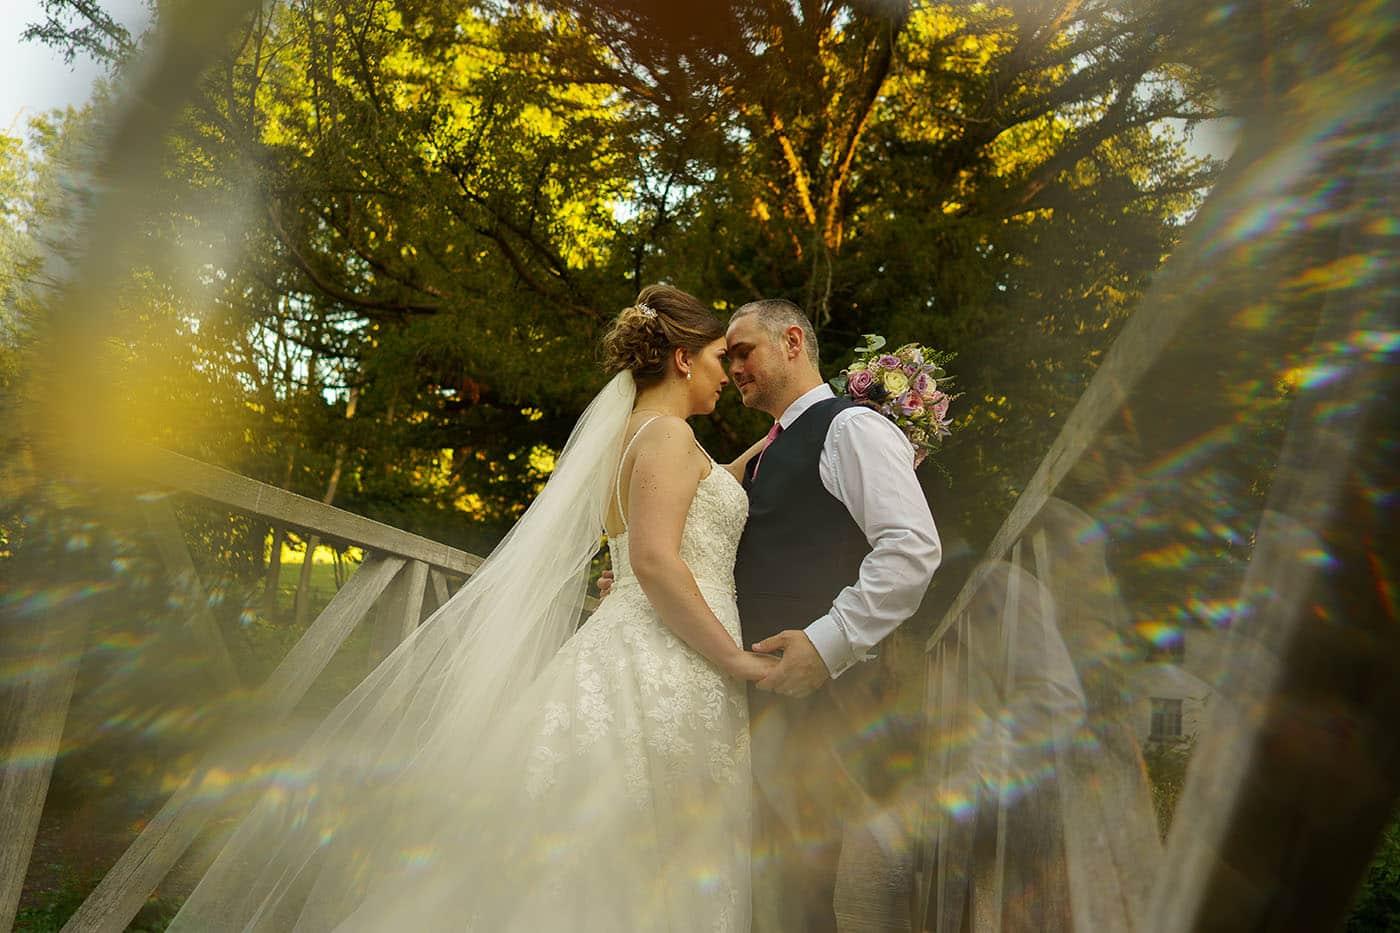 shropshire wedding photographer 01